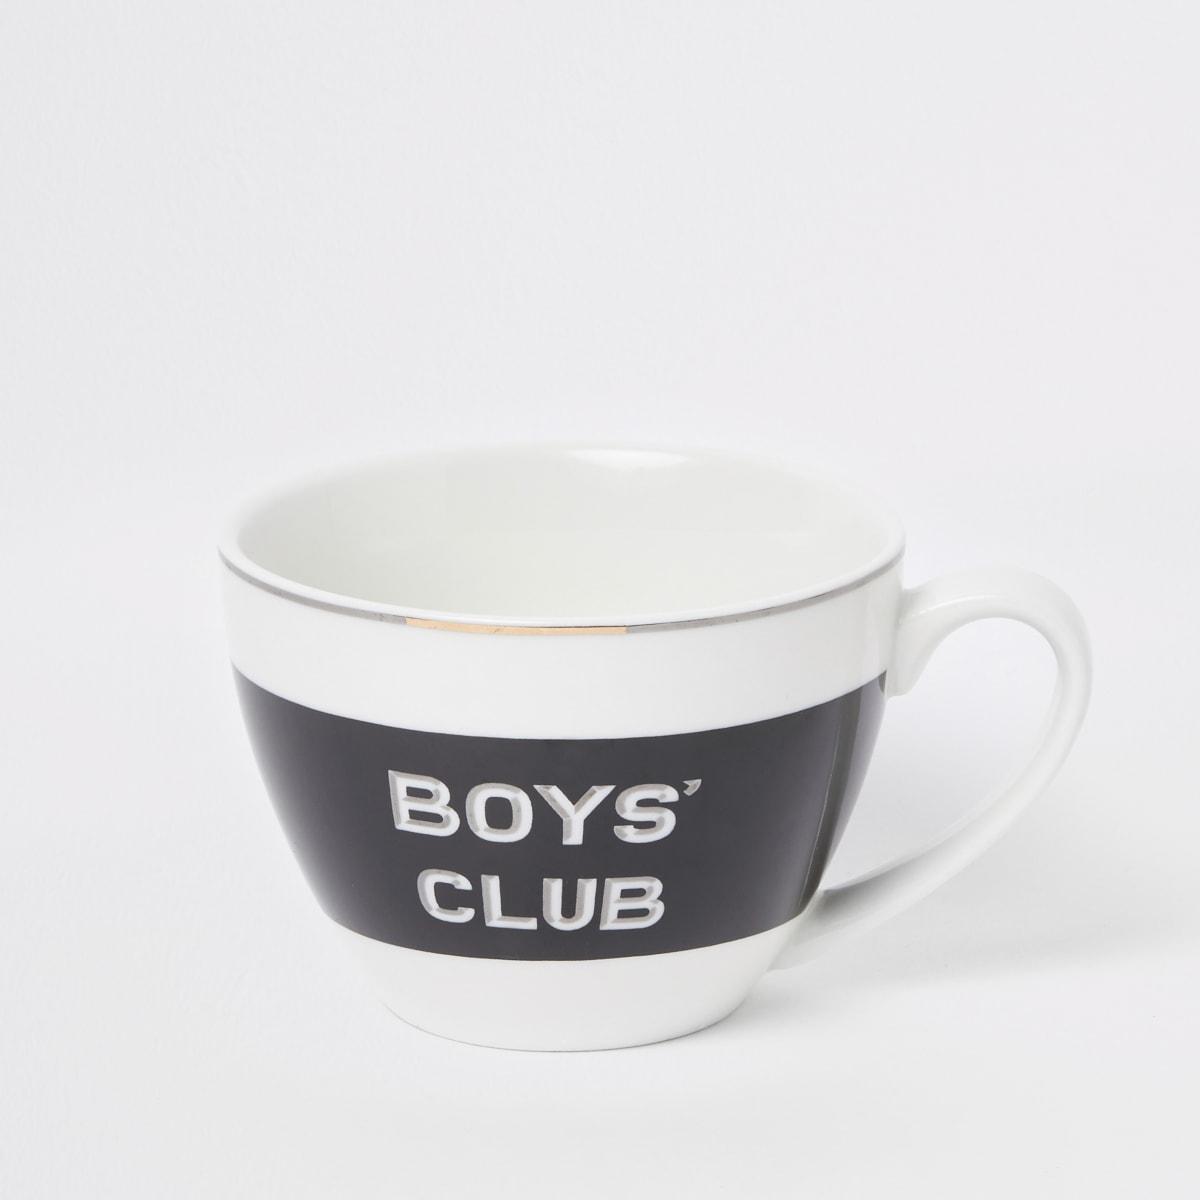 Zwarte mok met 'Boys club'-print